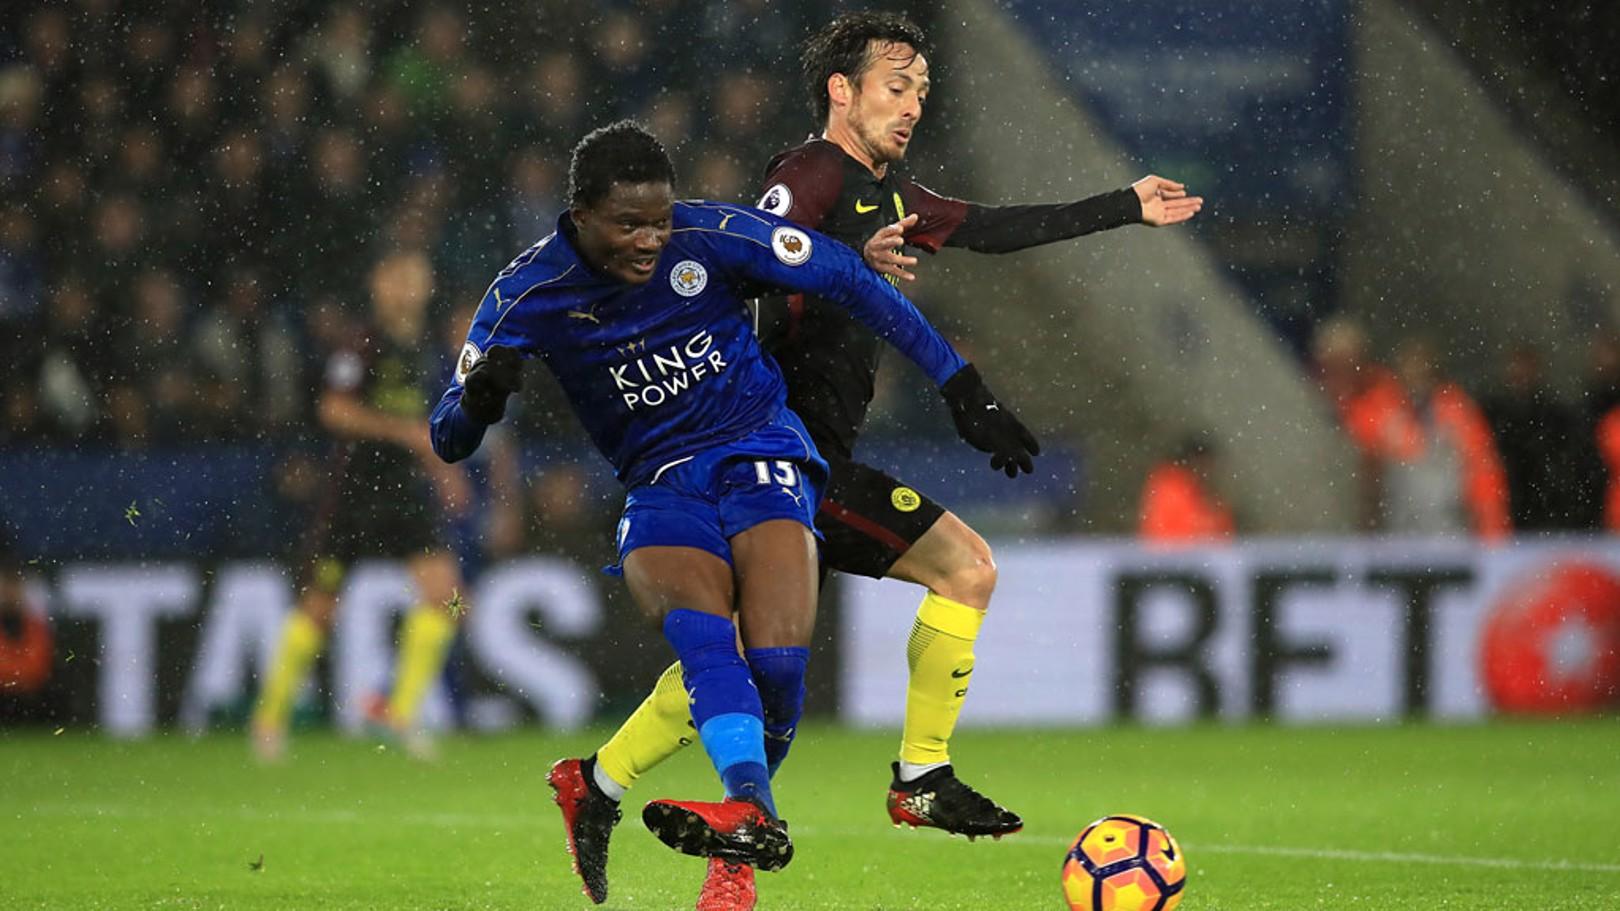 City v Leicester: Como assistir a este jogo